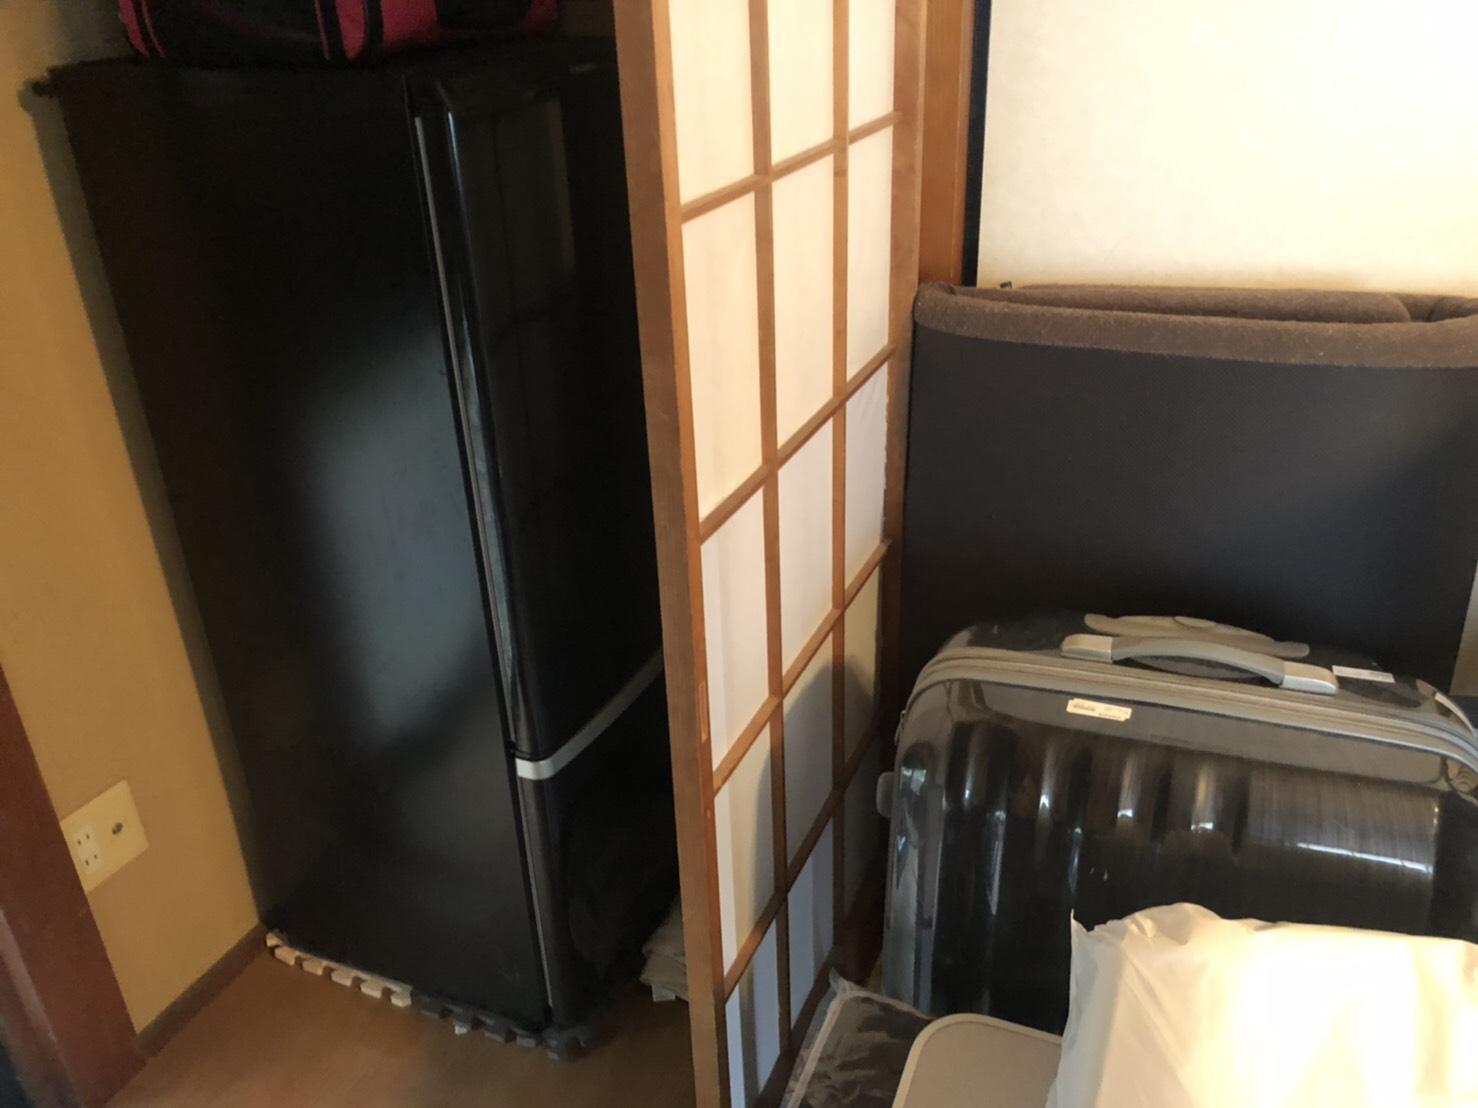 冷蔵庫、スーツケース、寝具の回収前